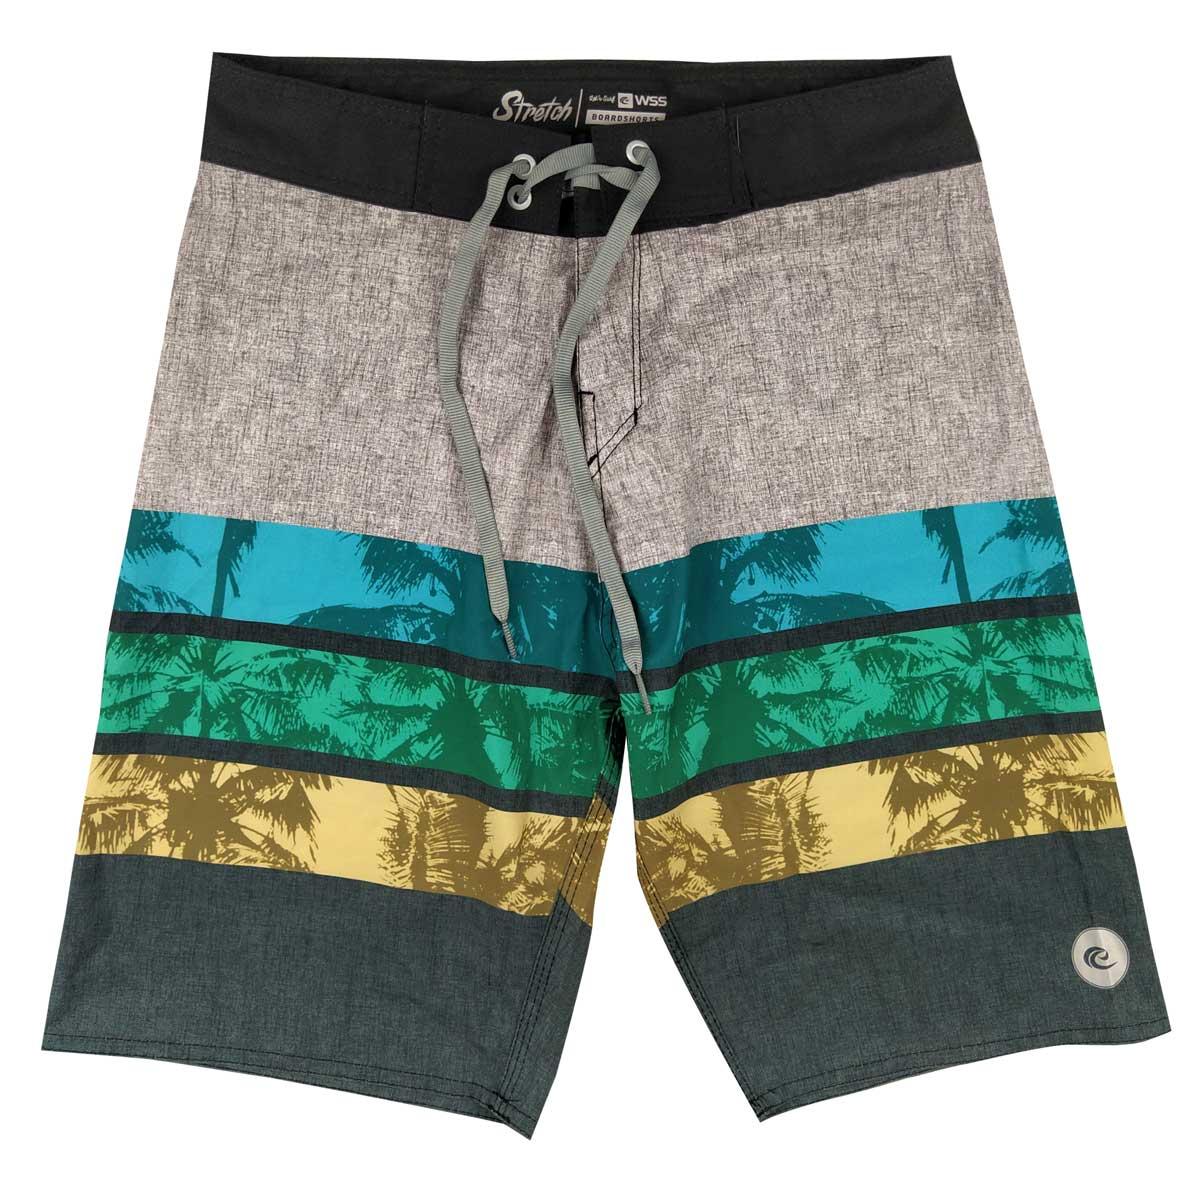 Bermuda Praia WSS Stretch Hawaii Color 20